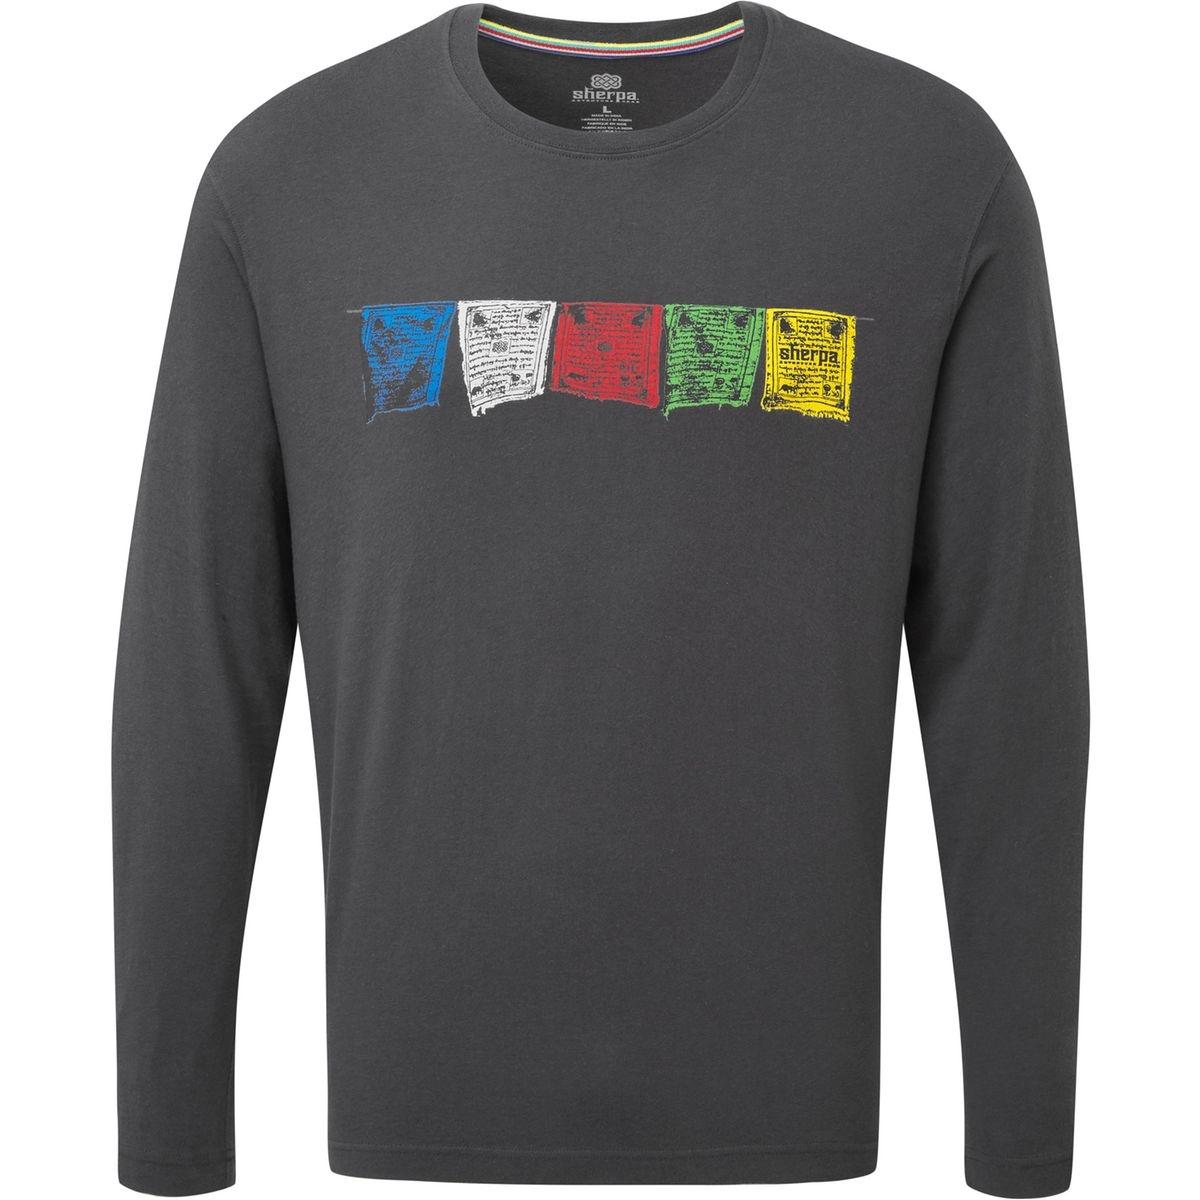 Tarcho - T-shirt manches longues Homme - gris